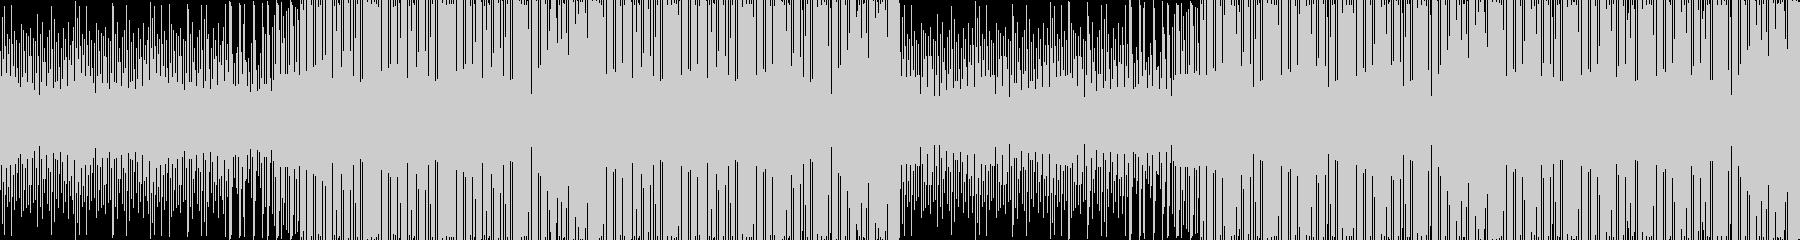 【EDM/ポップ/ダンス/ミドルテンポ】の未再生の波形